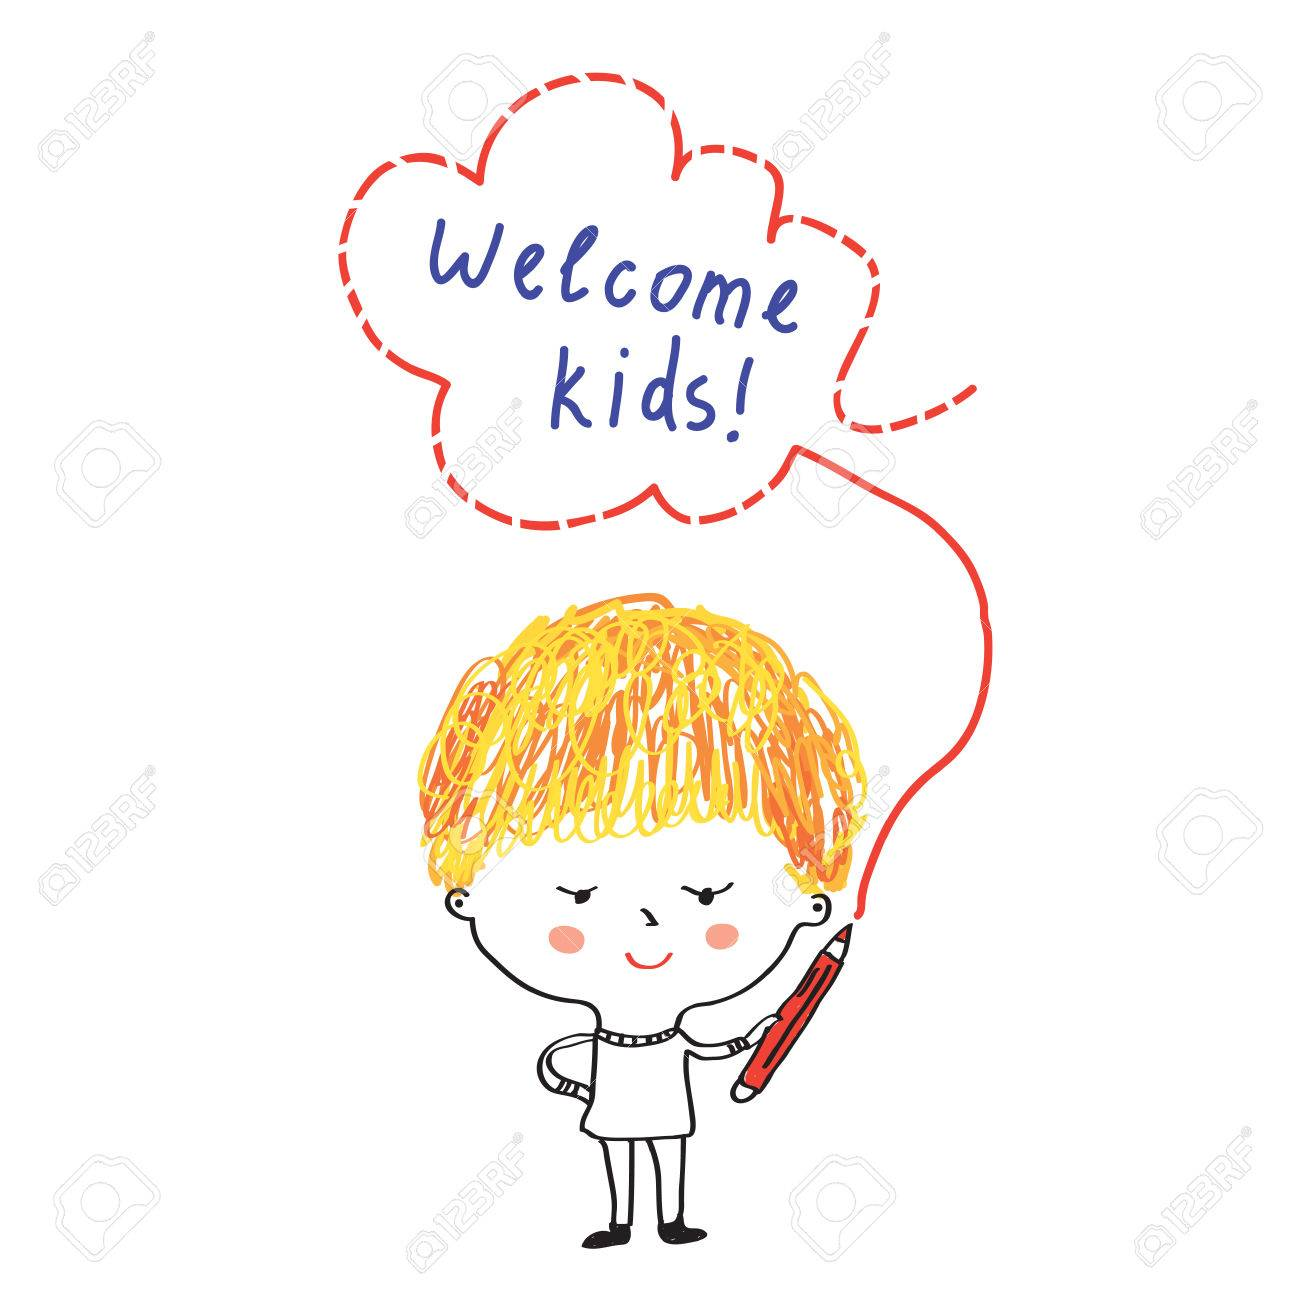 Niño Con Lápiz Y Banner De Bienvenida Para La Escuela O Jardín De ...